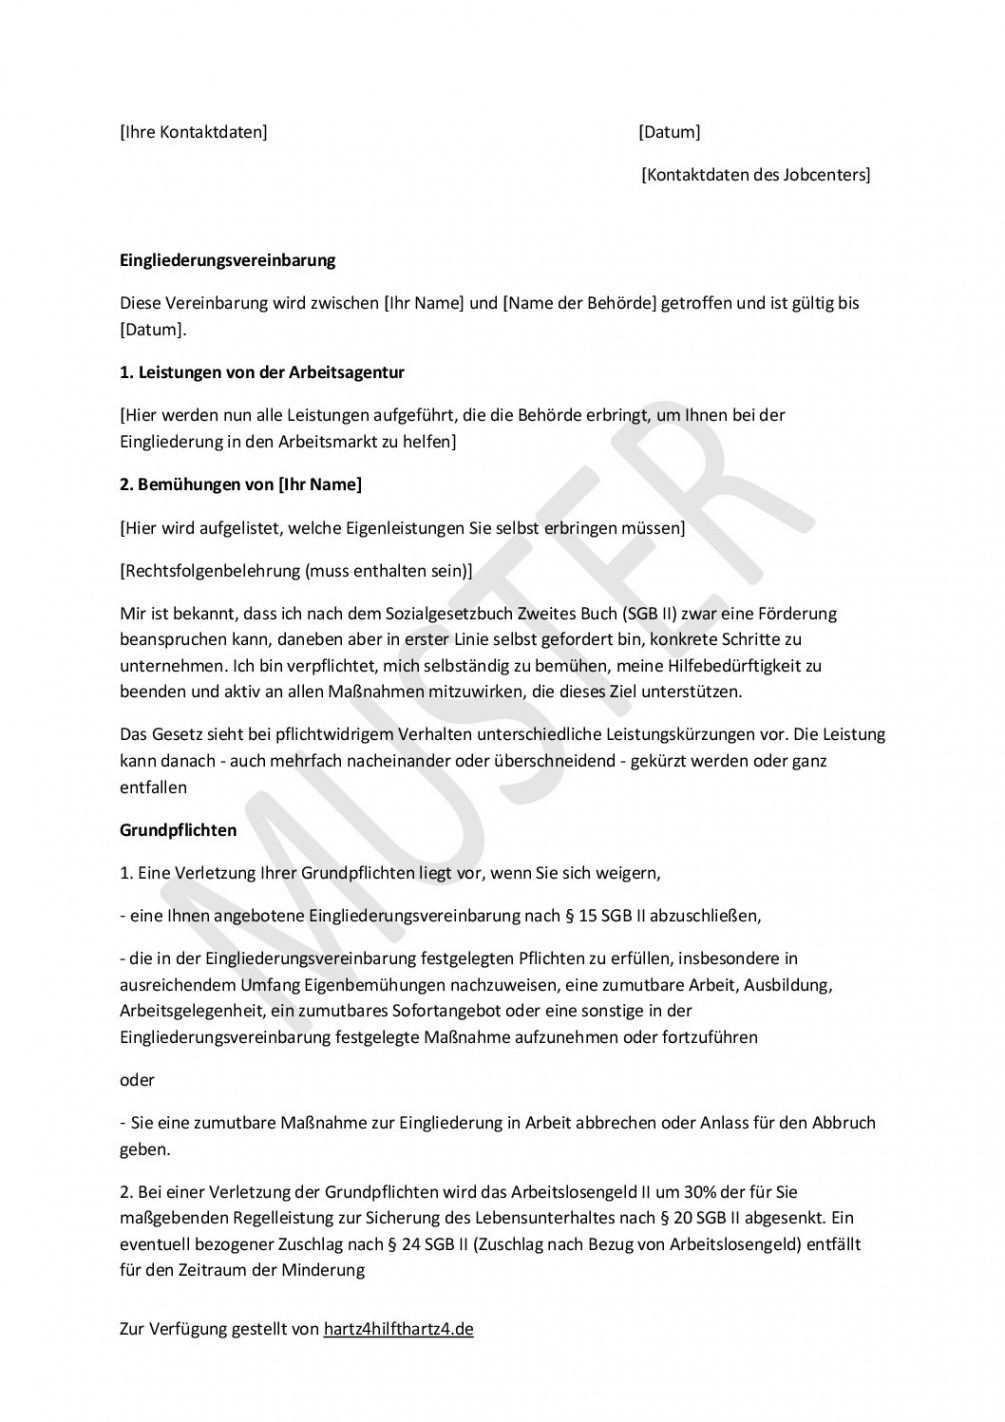 Blattern Unsere Das Image Von Vereinbarung Kostenubernahme Fuhrerschein Vorlage Vorlagen Vereinbarung Arbeitsagentur